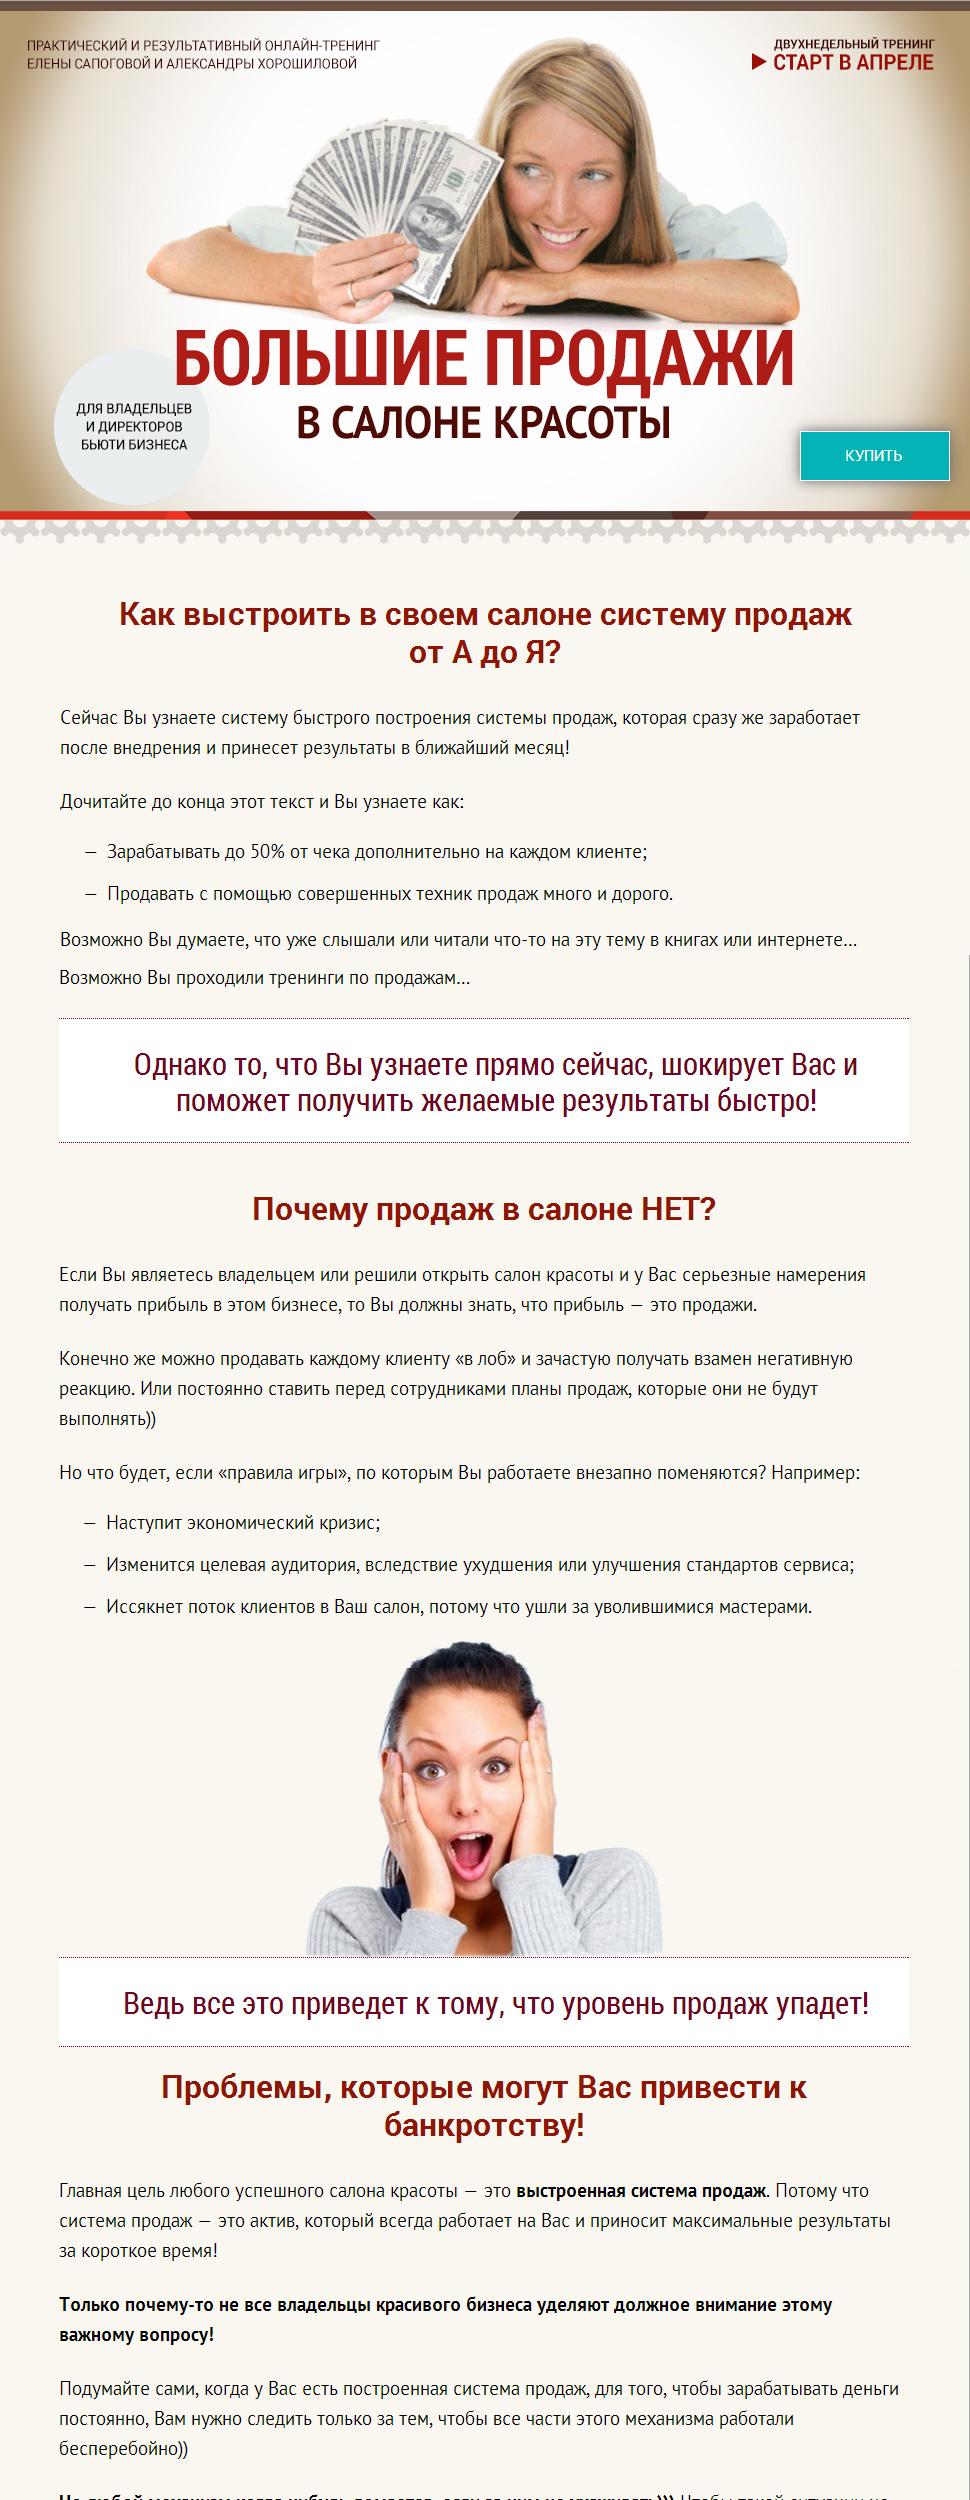 Промо-сайт «Большие продажи в салоне красоты» для Елены Сапоговой